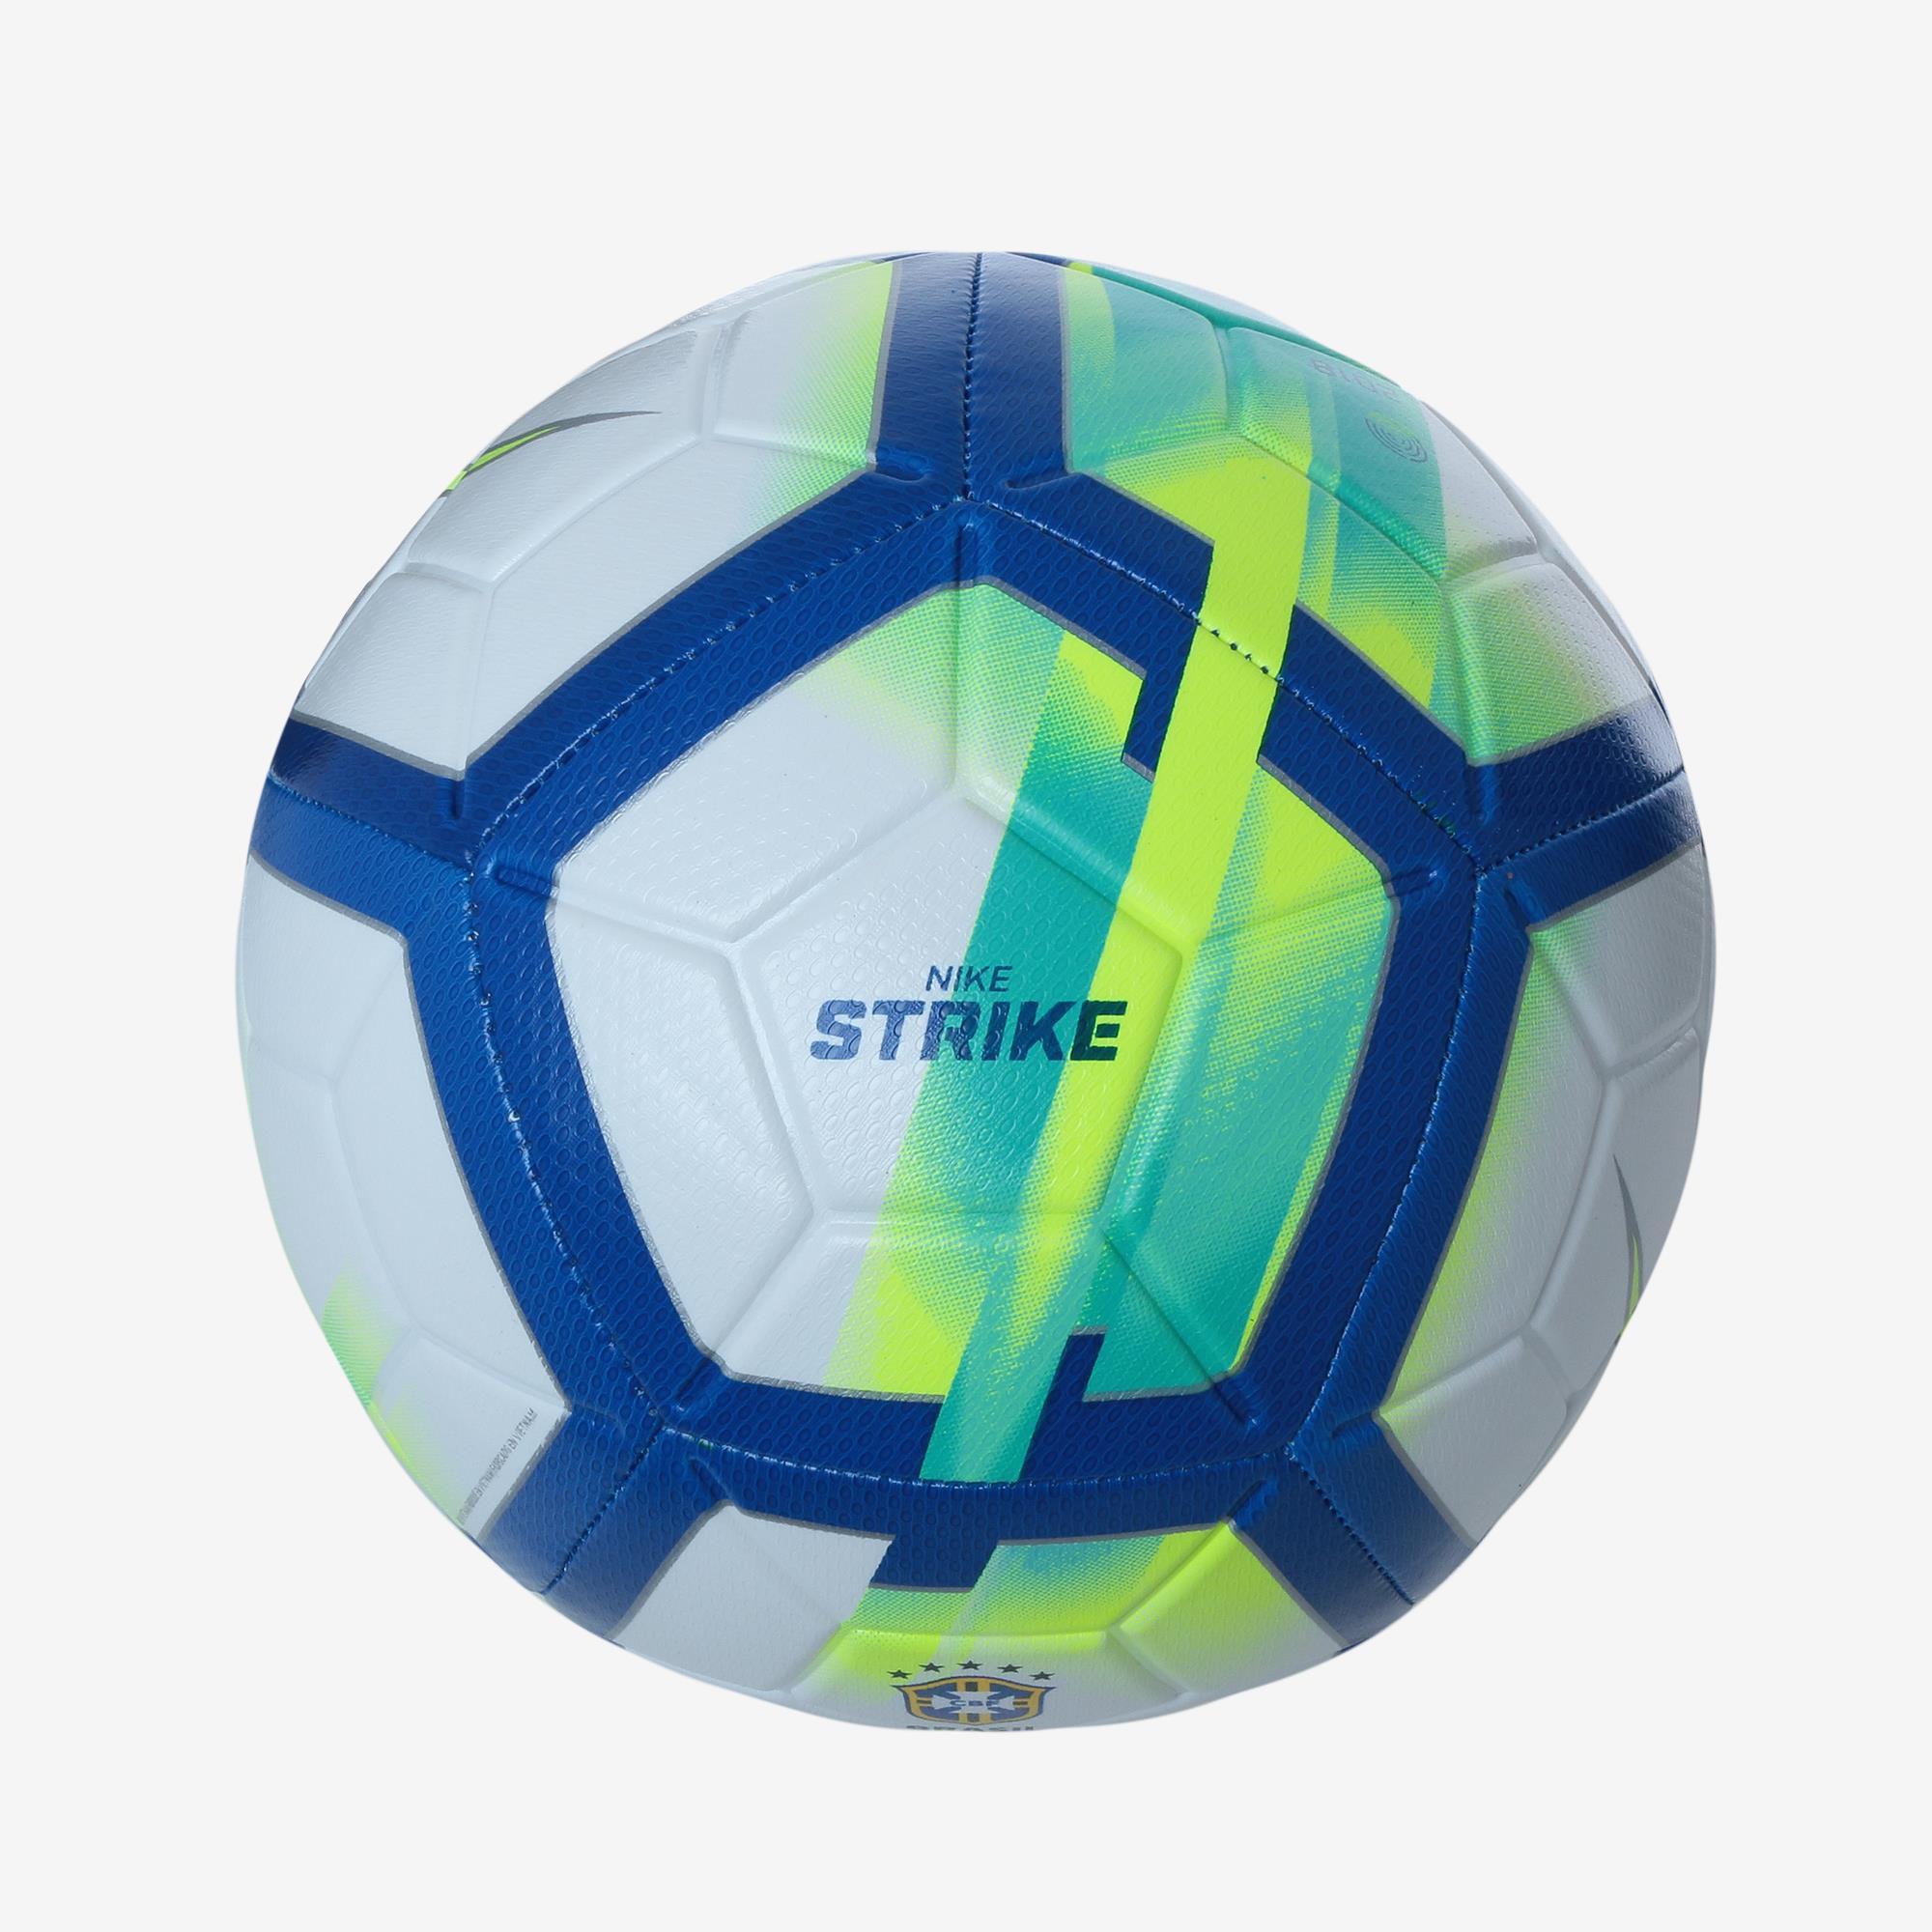 Bola de Futebol de Campo Nike Strike Brasileirão 2018  - REAL ESPORTE